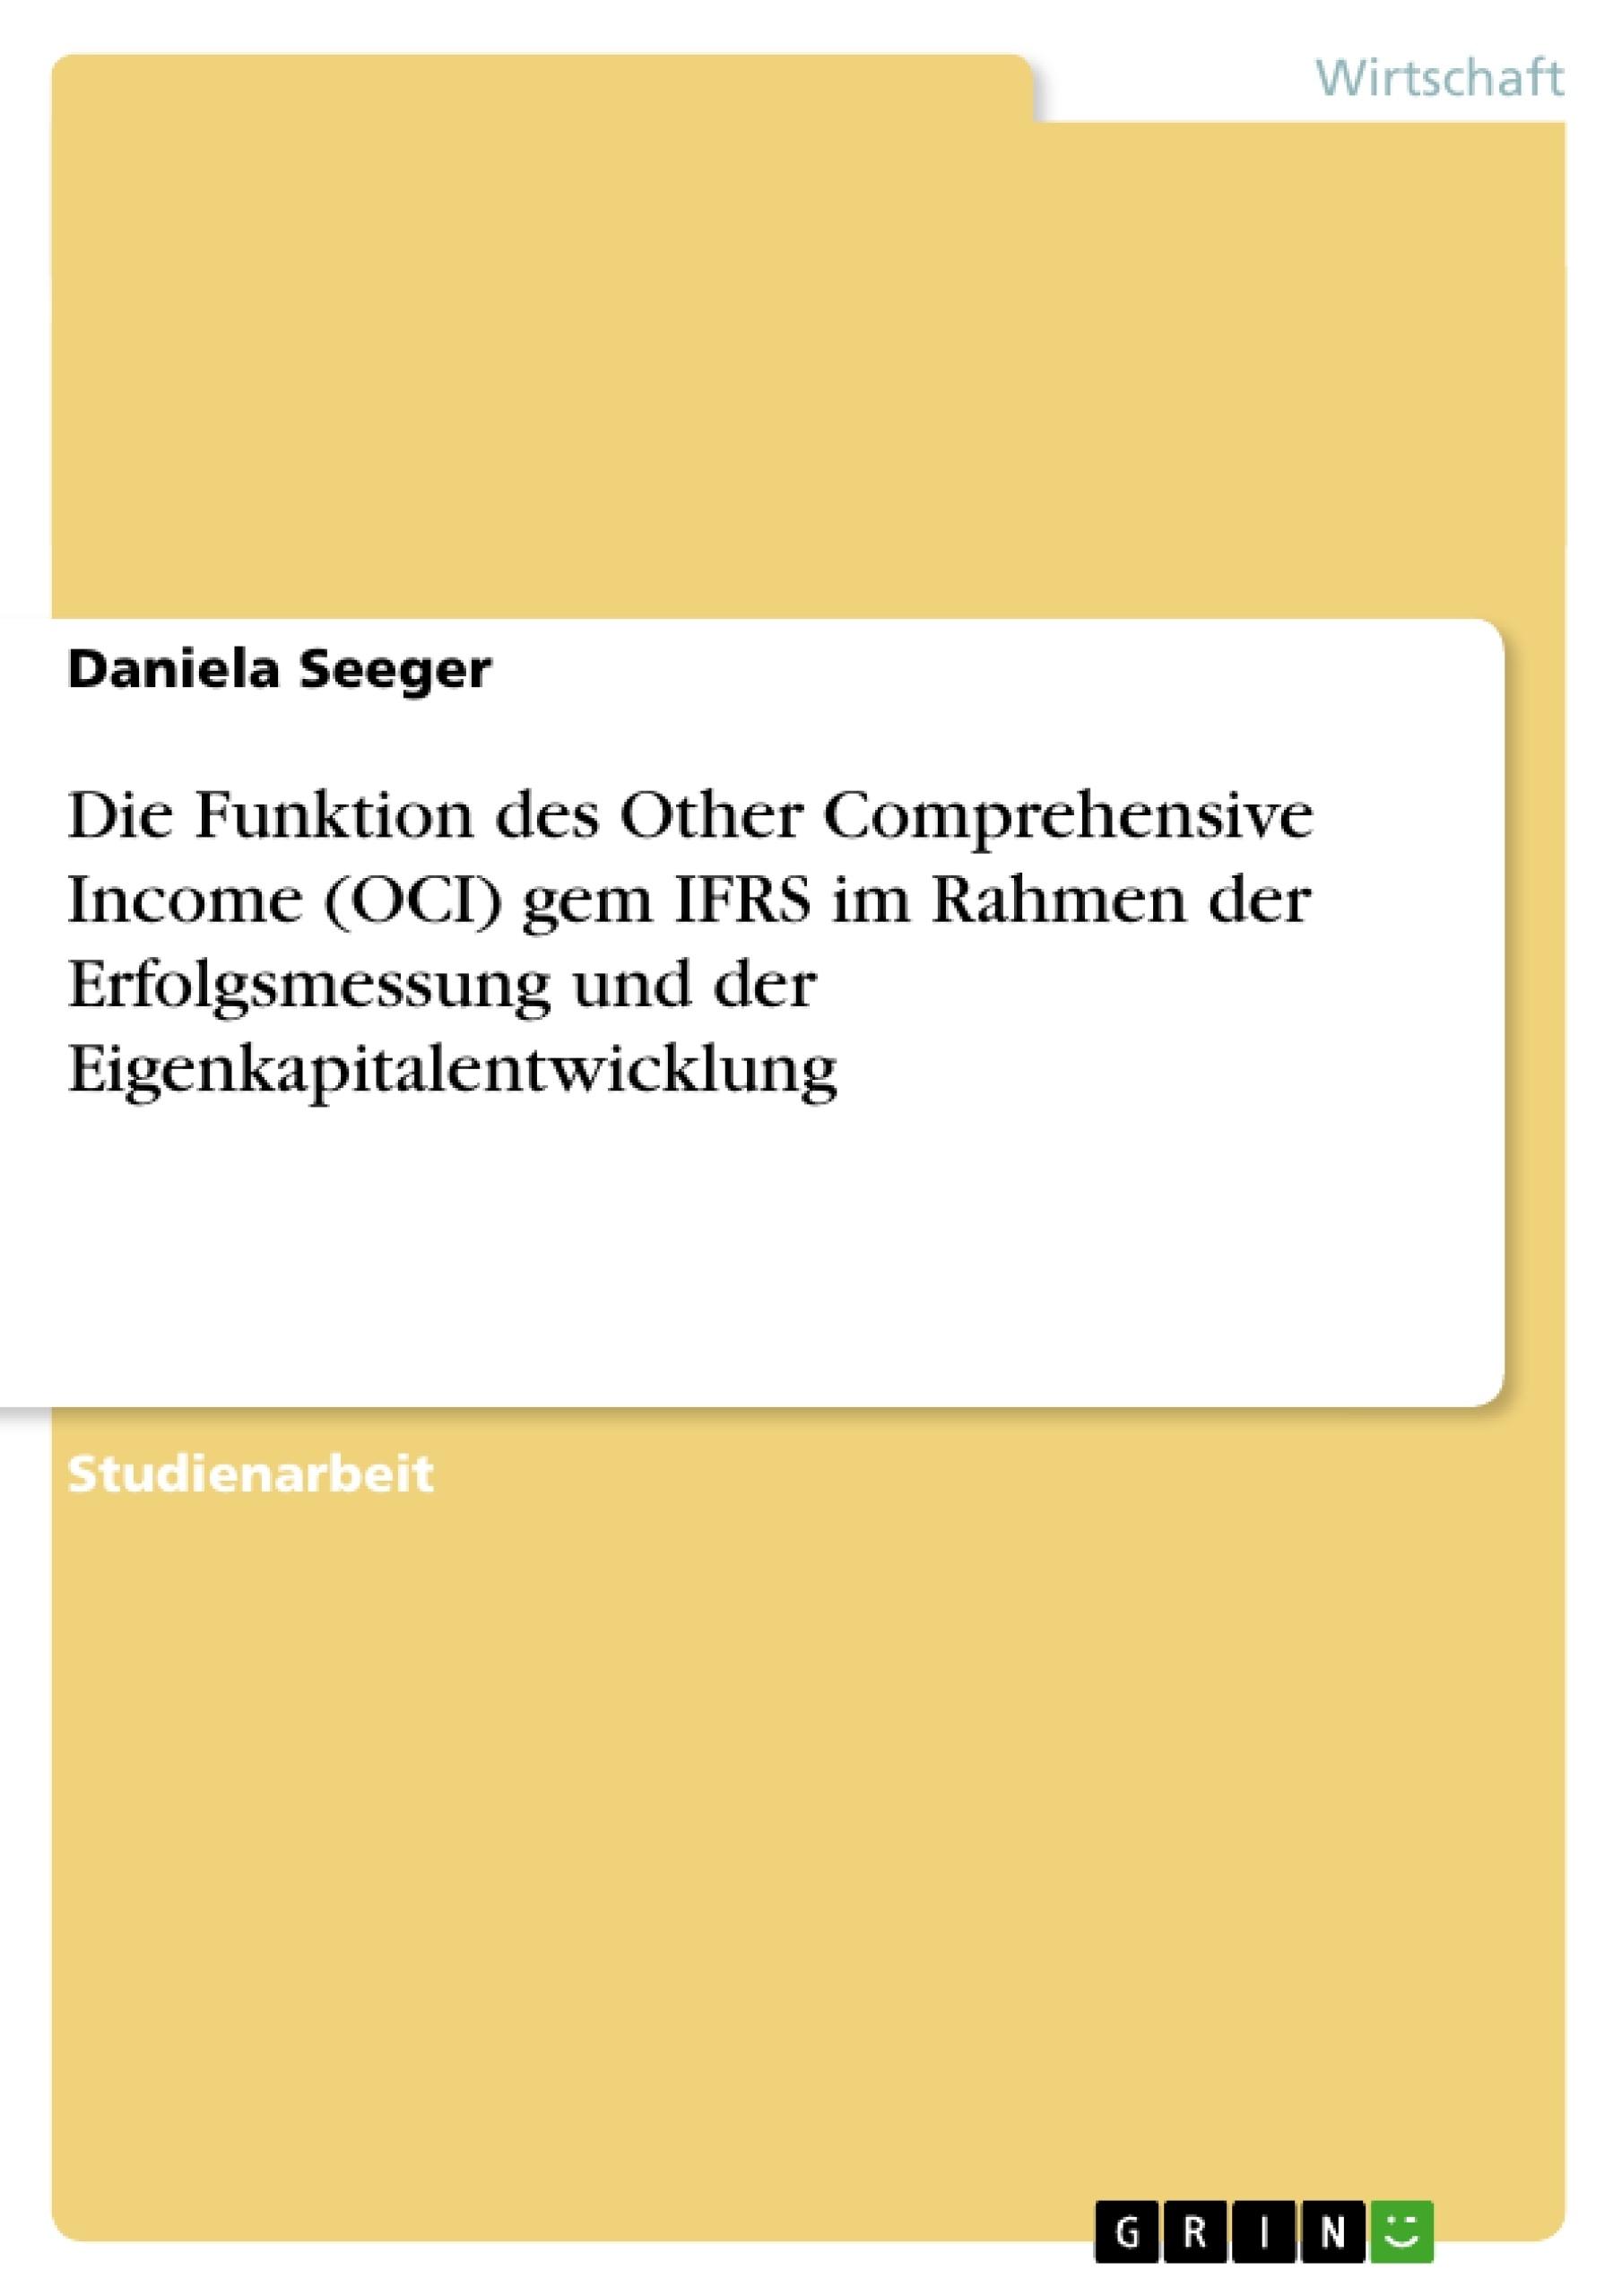 Titel: Die Funktion des Other Comprehensive Income (OCI) gem IFRS im Rahmen der Erfolgsmessung und der Eigenkapitalentwicklung